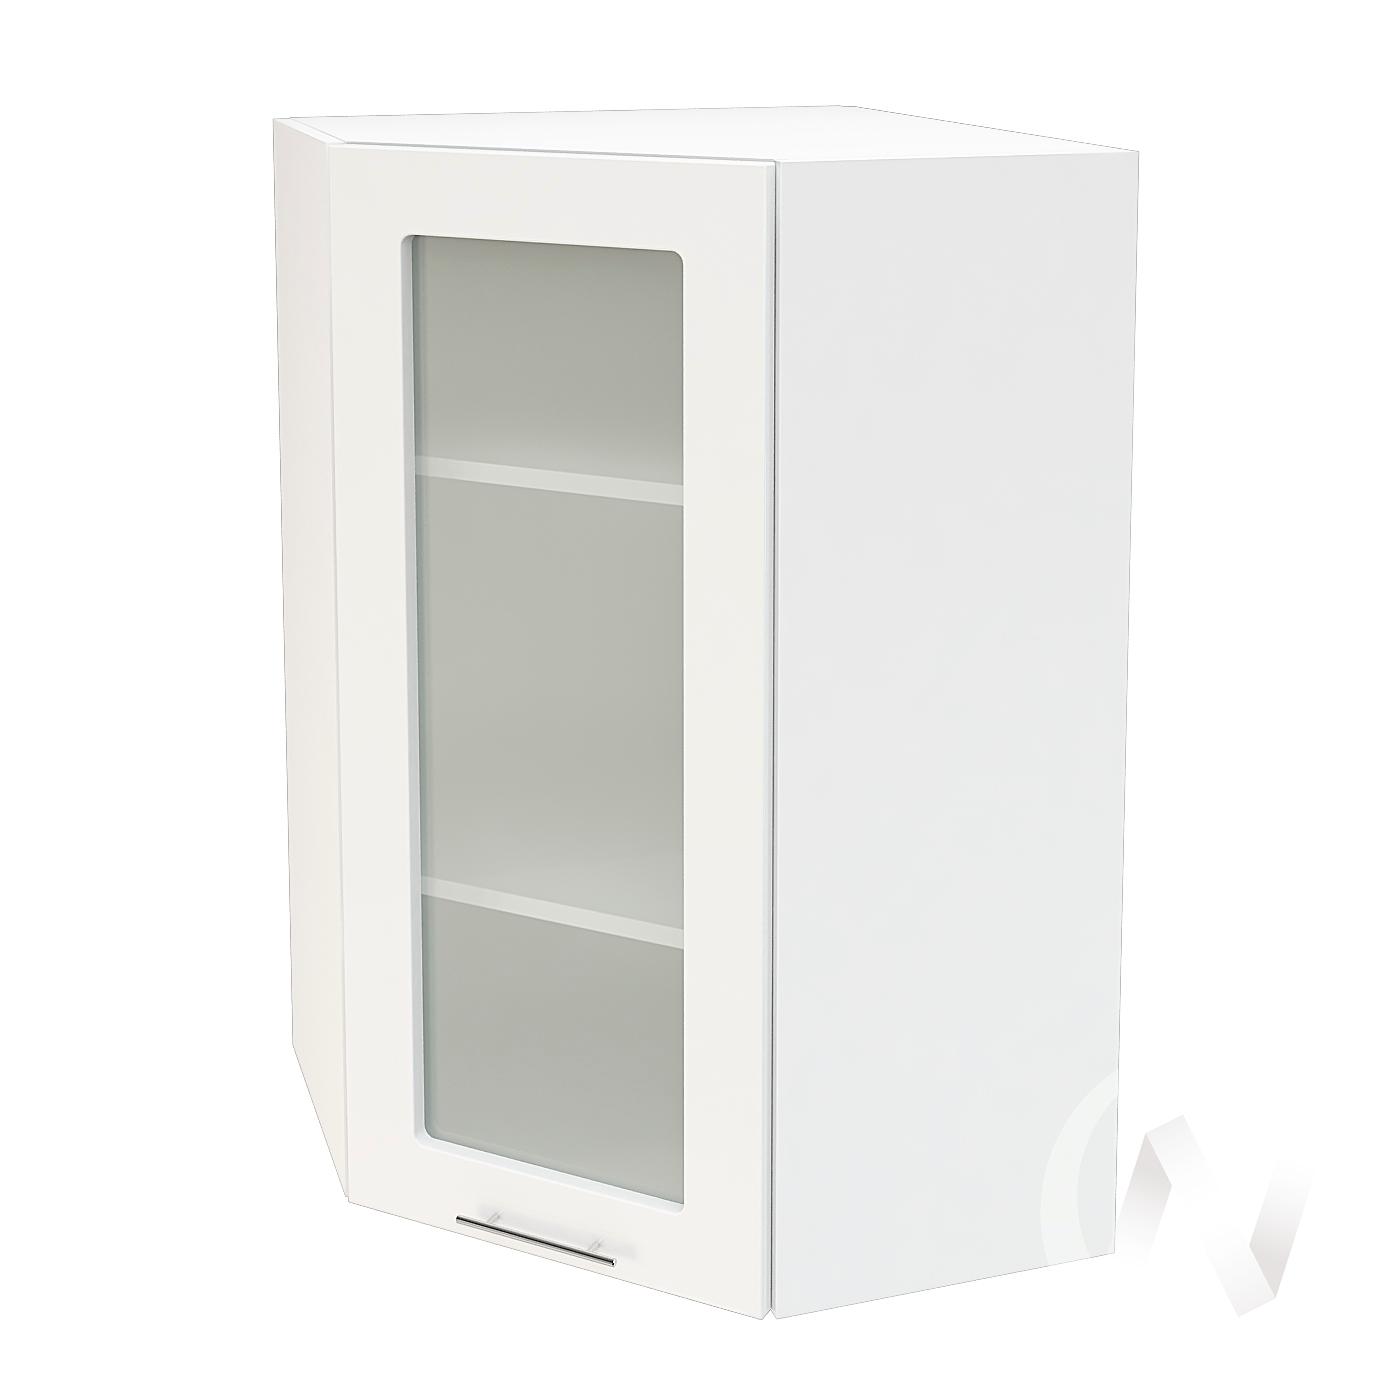 """Кухня """"Валерия-М"""": Шкаф верхний угловой со стеклом 599, ШВУС 599 (белый глянец/корпус белый)"""